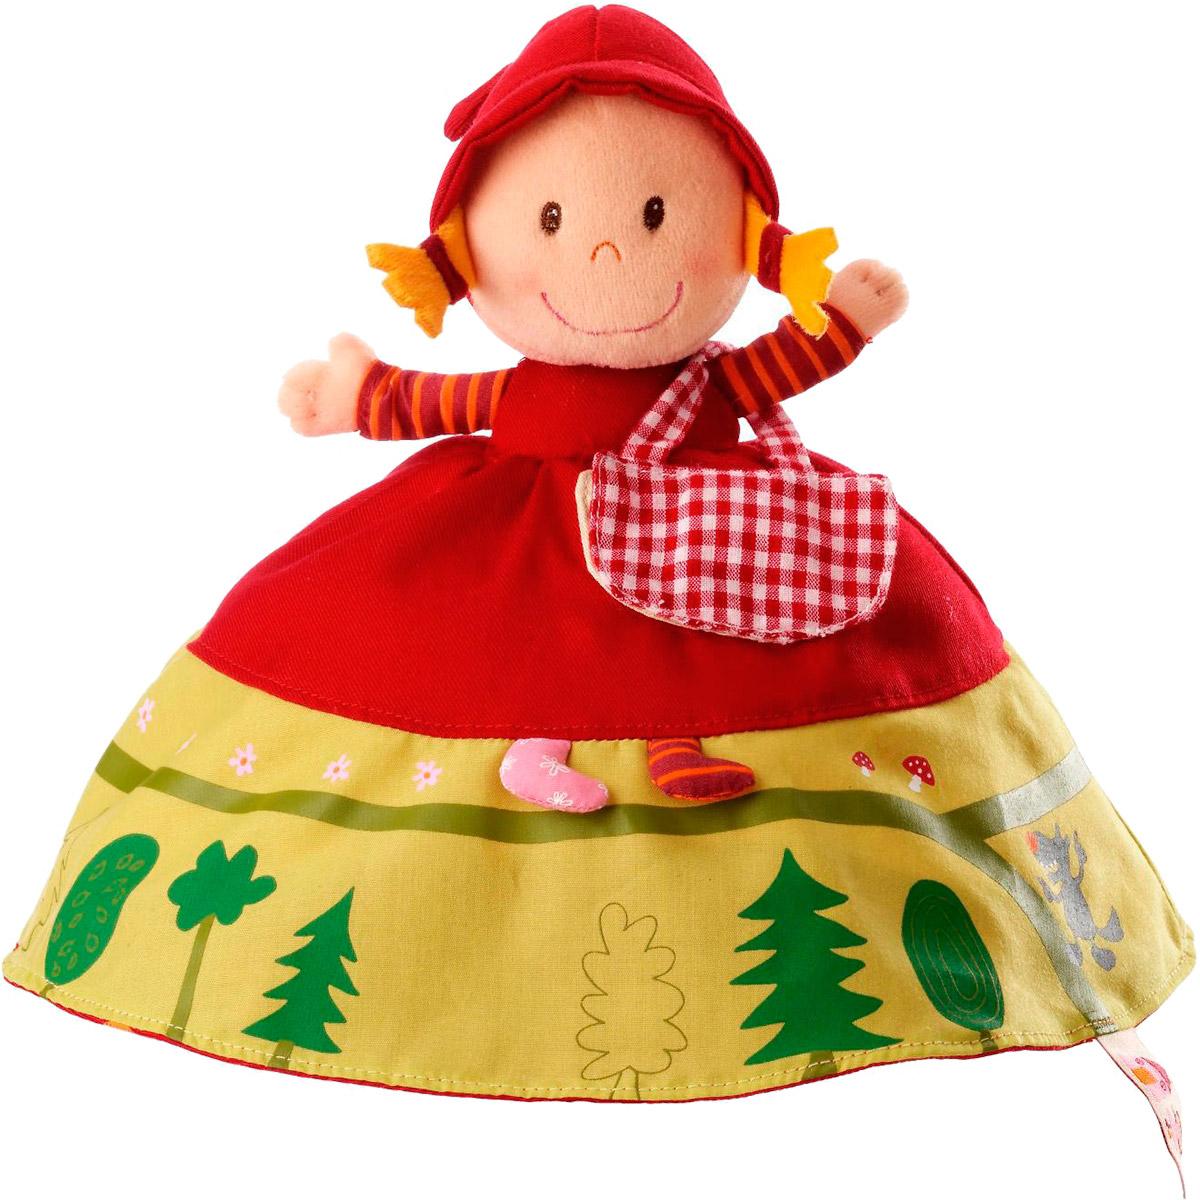 Lilliputiens Мягкая кукла Красная шапочка Бабушка Волк86158Мягкая кукла Красная шапочка окажется самой необычной игрушкой вашей малышки. Кукла в длинном красно-белом платье. Если поднять платье Красной Шапочки - увидишь улыбающееся лицо Бабушки, затем снимешь шапочку Бабули и обнаружишь зубастого Волка. Ах да, Волк одет в Бабушкин розовый халат в цветочек, его серые лапы торчат из клетчатых рукавов. Путь через лес изображен в нижней части платья Красной Шапочки по кругу и заканчивается крадущимся Волком. Сумочка с фруктами и вареньем, которая открывается и закрывается щелчком, прикреплена к ее платью. Наряд Бабушки в нижней части демонстрирует иллюстрации ее дома - столы и стулья, кровать, а на обратной стороне у Волка в одежде Бабушки на животике есть красная заплатка, изображающая Дровосека. Открой заплатку, и ты увидишь бабушку и Красную Шапочку (Дровосек в конце сказки их освобождает). Забавные детали делают эту трехстороннюю мягкую куклу очень популярной, наряду с классической сказкой на экране. ...